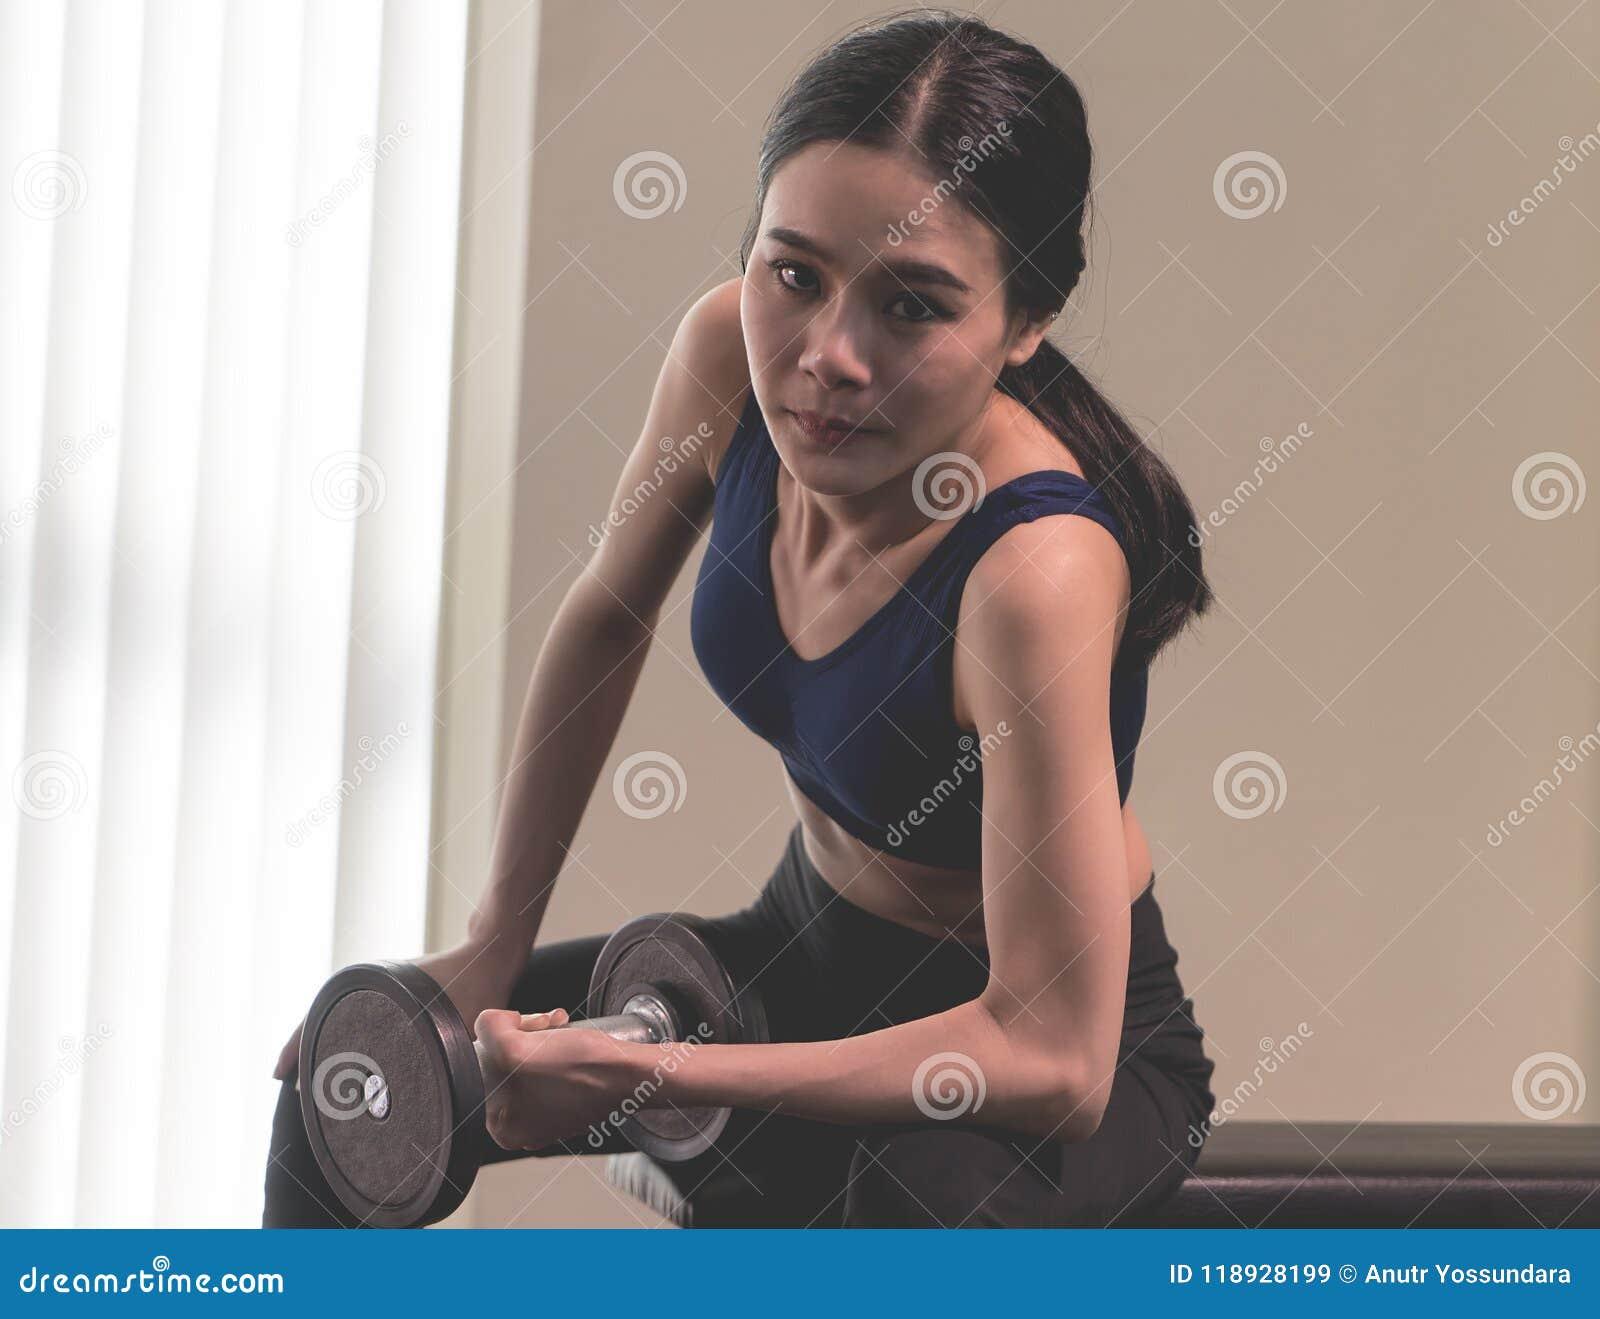 La mujer asiática fuerte está levantando pesa de gimnasia en aptitud